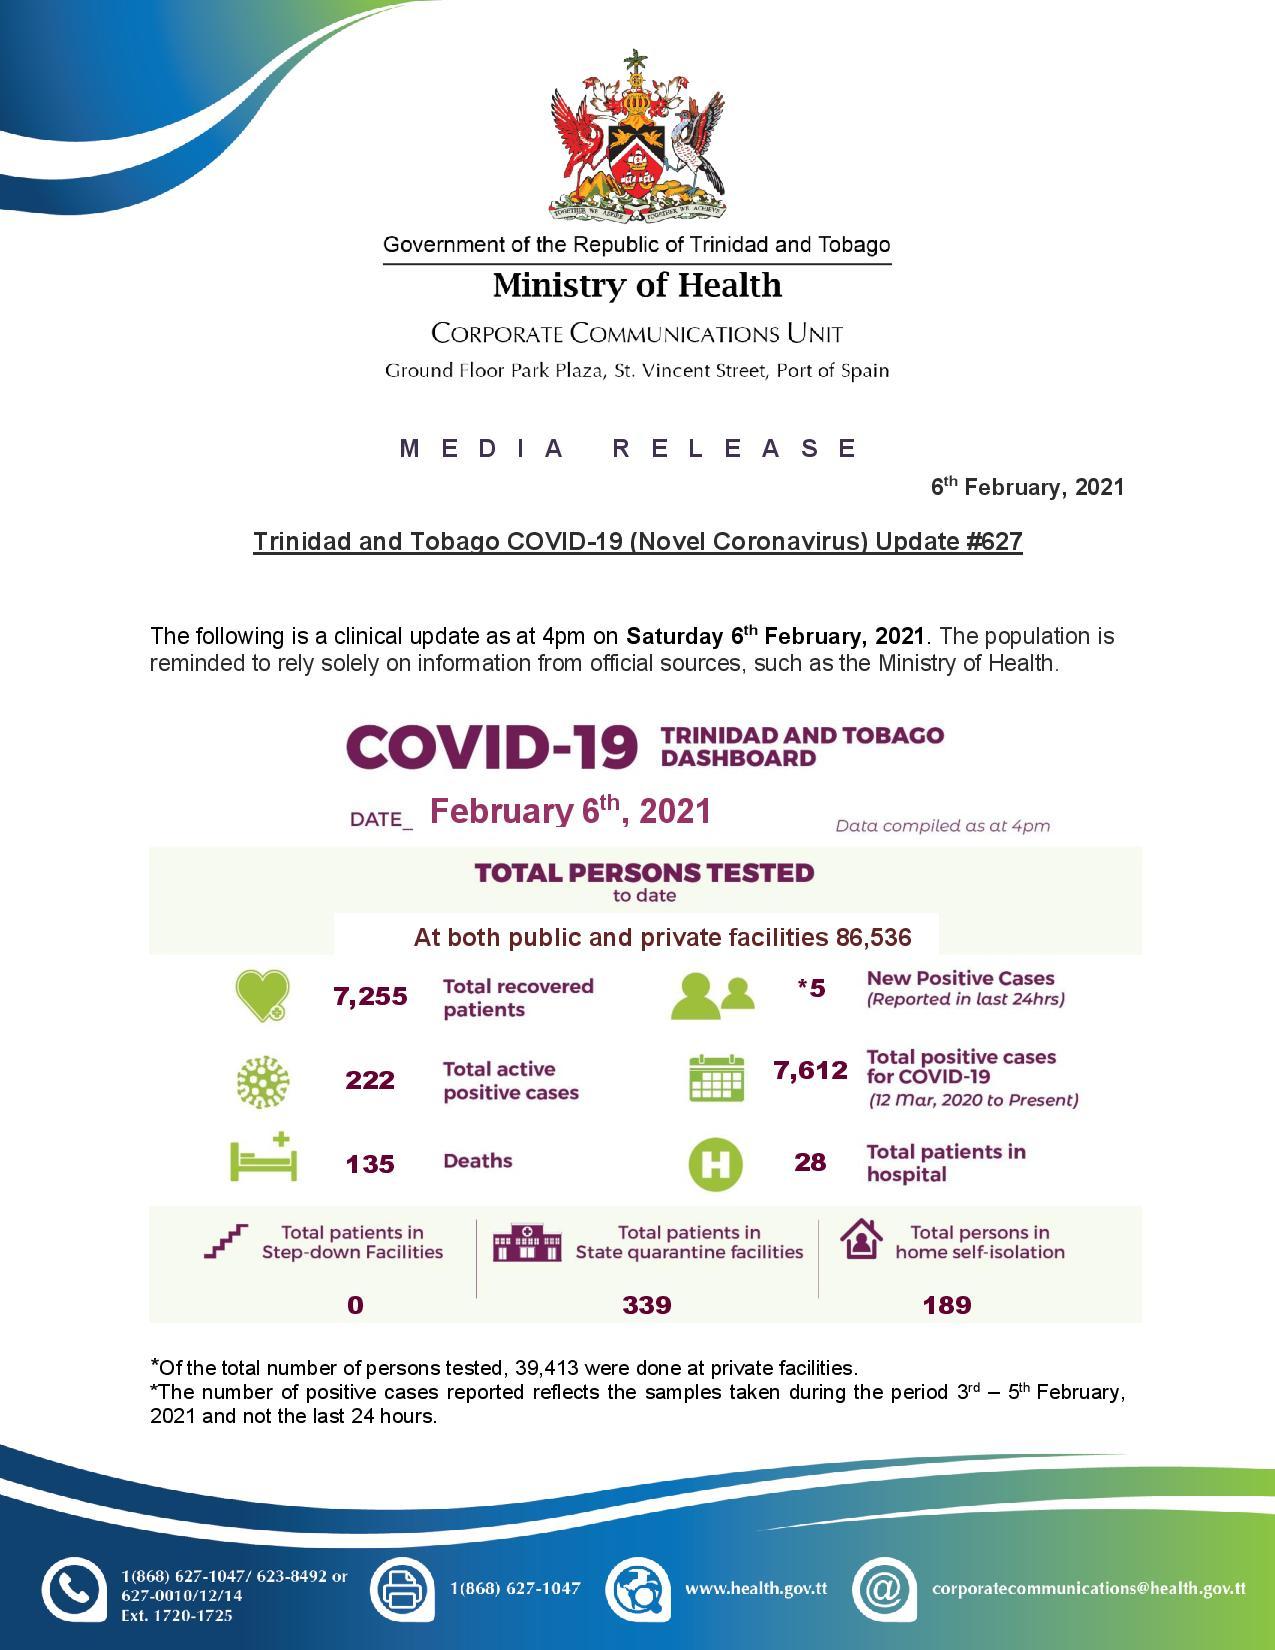 COVID-19 UPDATE - Saturday 6th February 2021